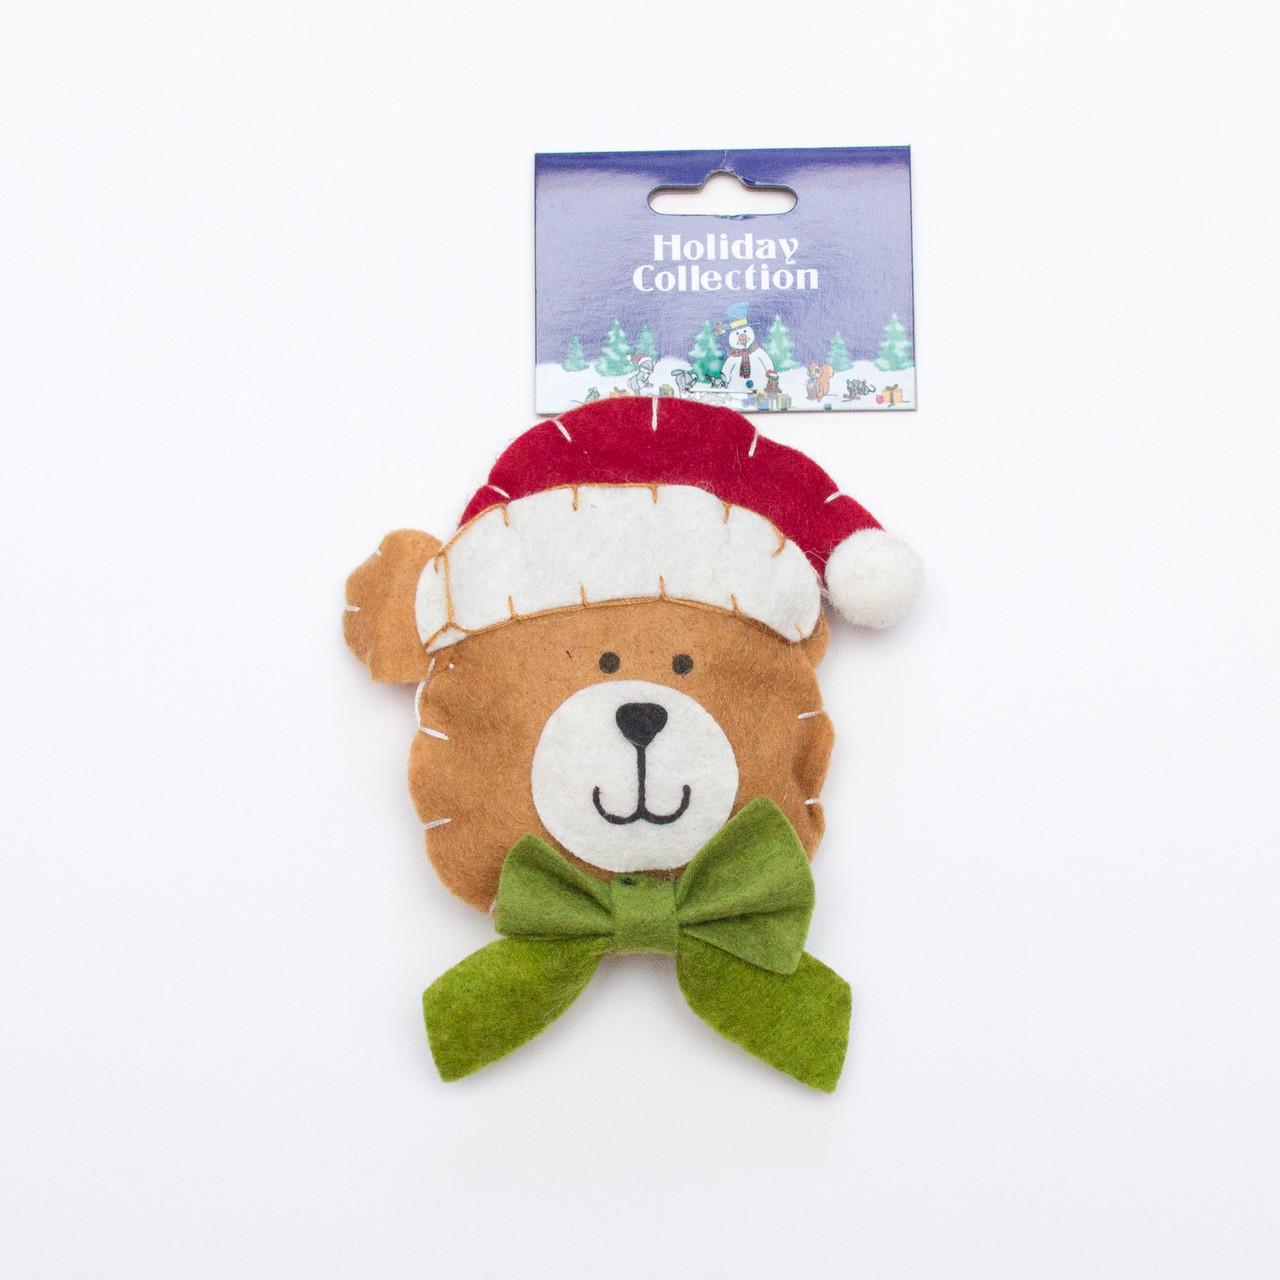 Елочная игрушка сувенирная фигурка из полиэстера на подвеске, 11см, лицо медведя, (000739-6)